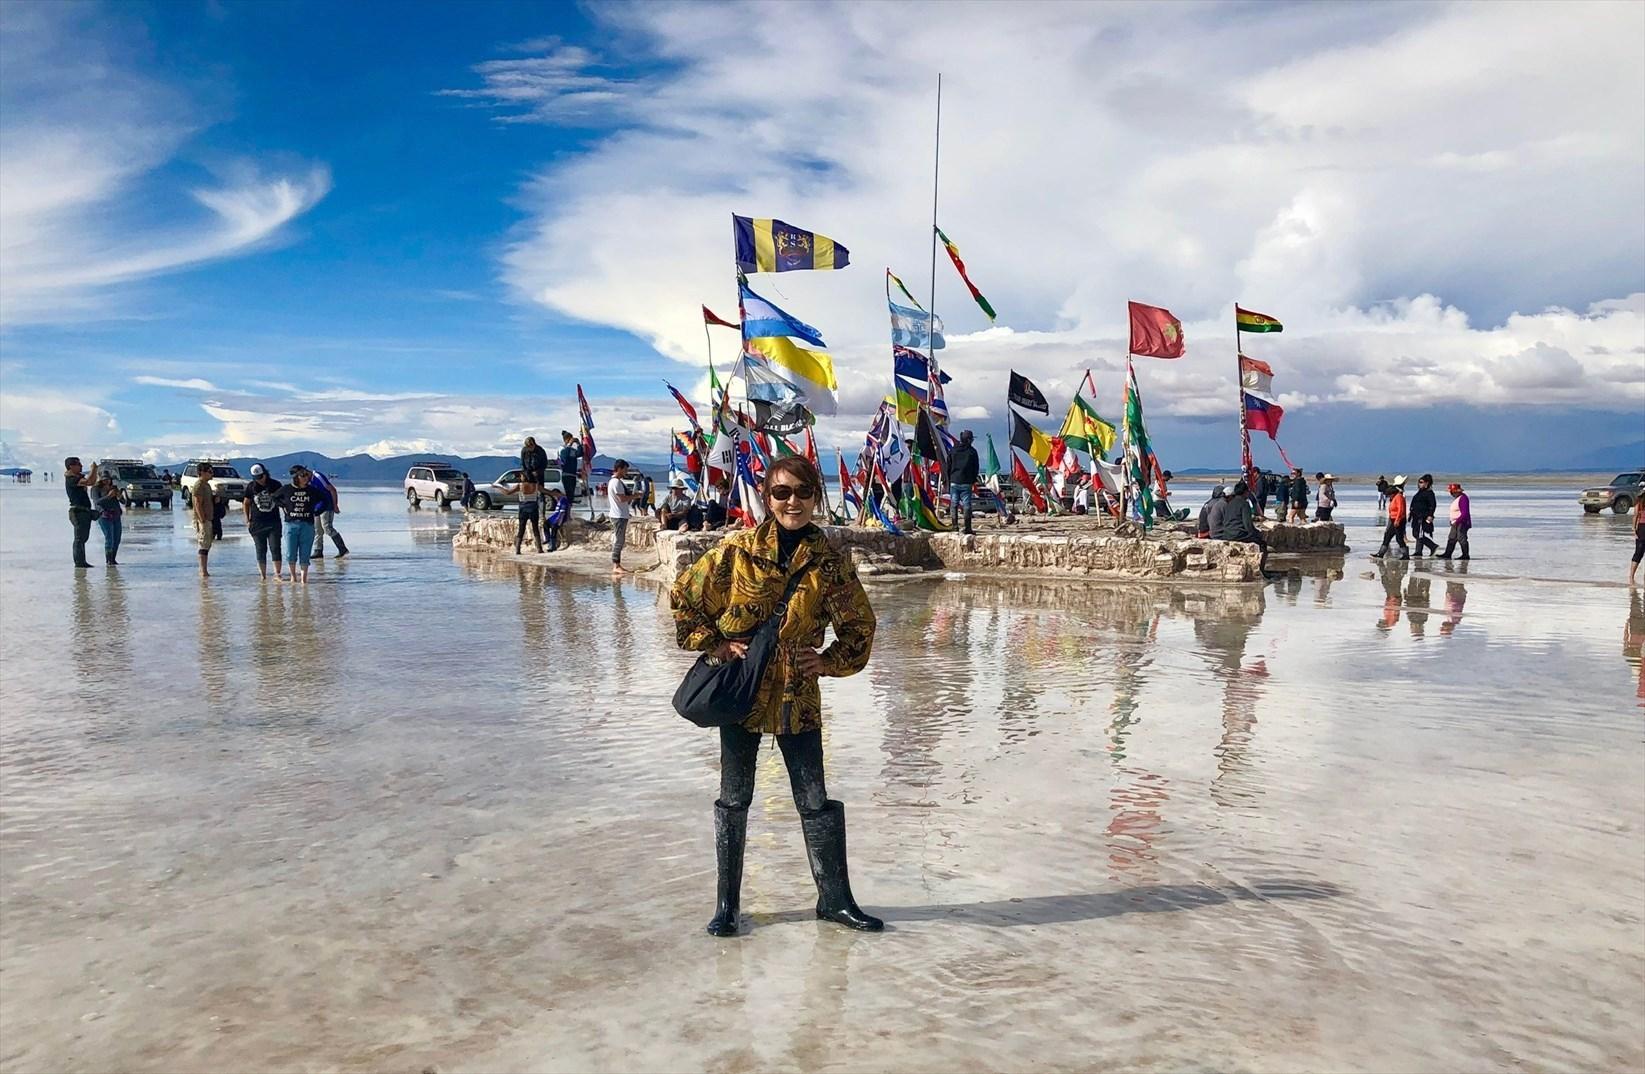 中南米の旅/29 ウユニ塩湖にある唯一のトイレ_a0092659_01243918.jpg